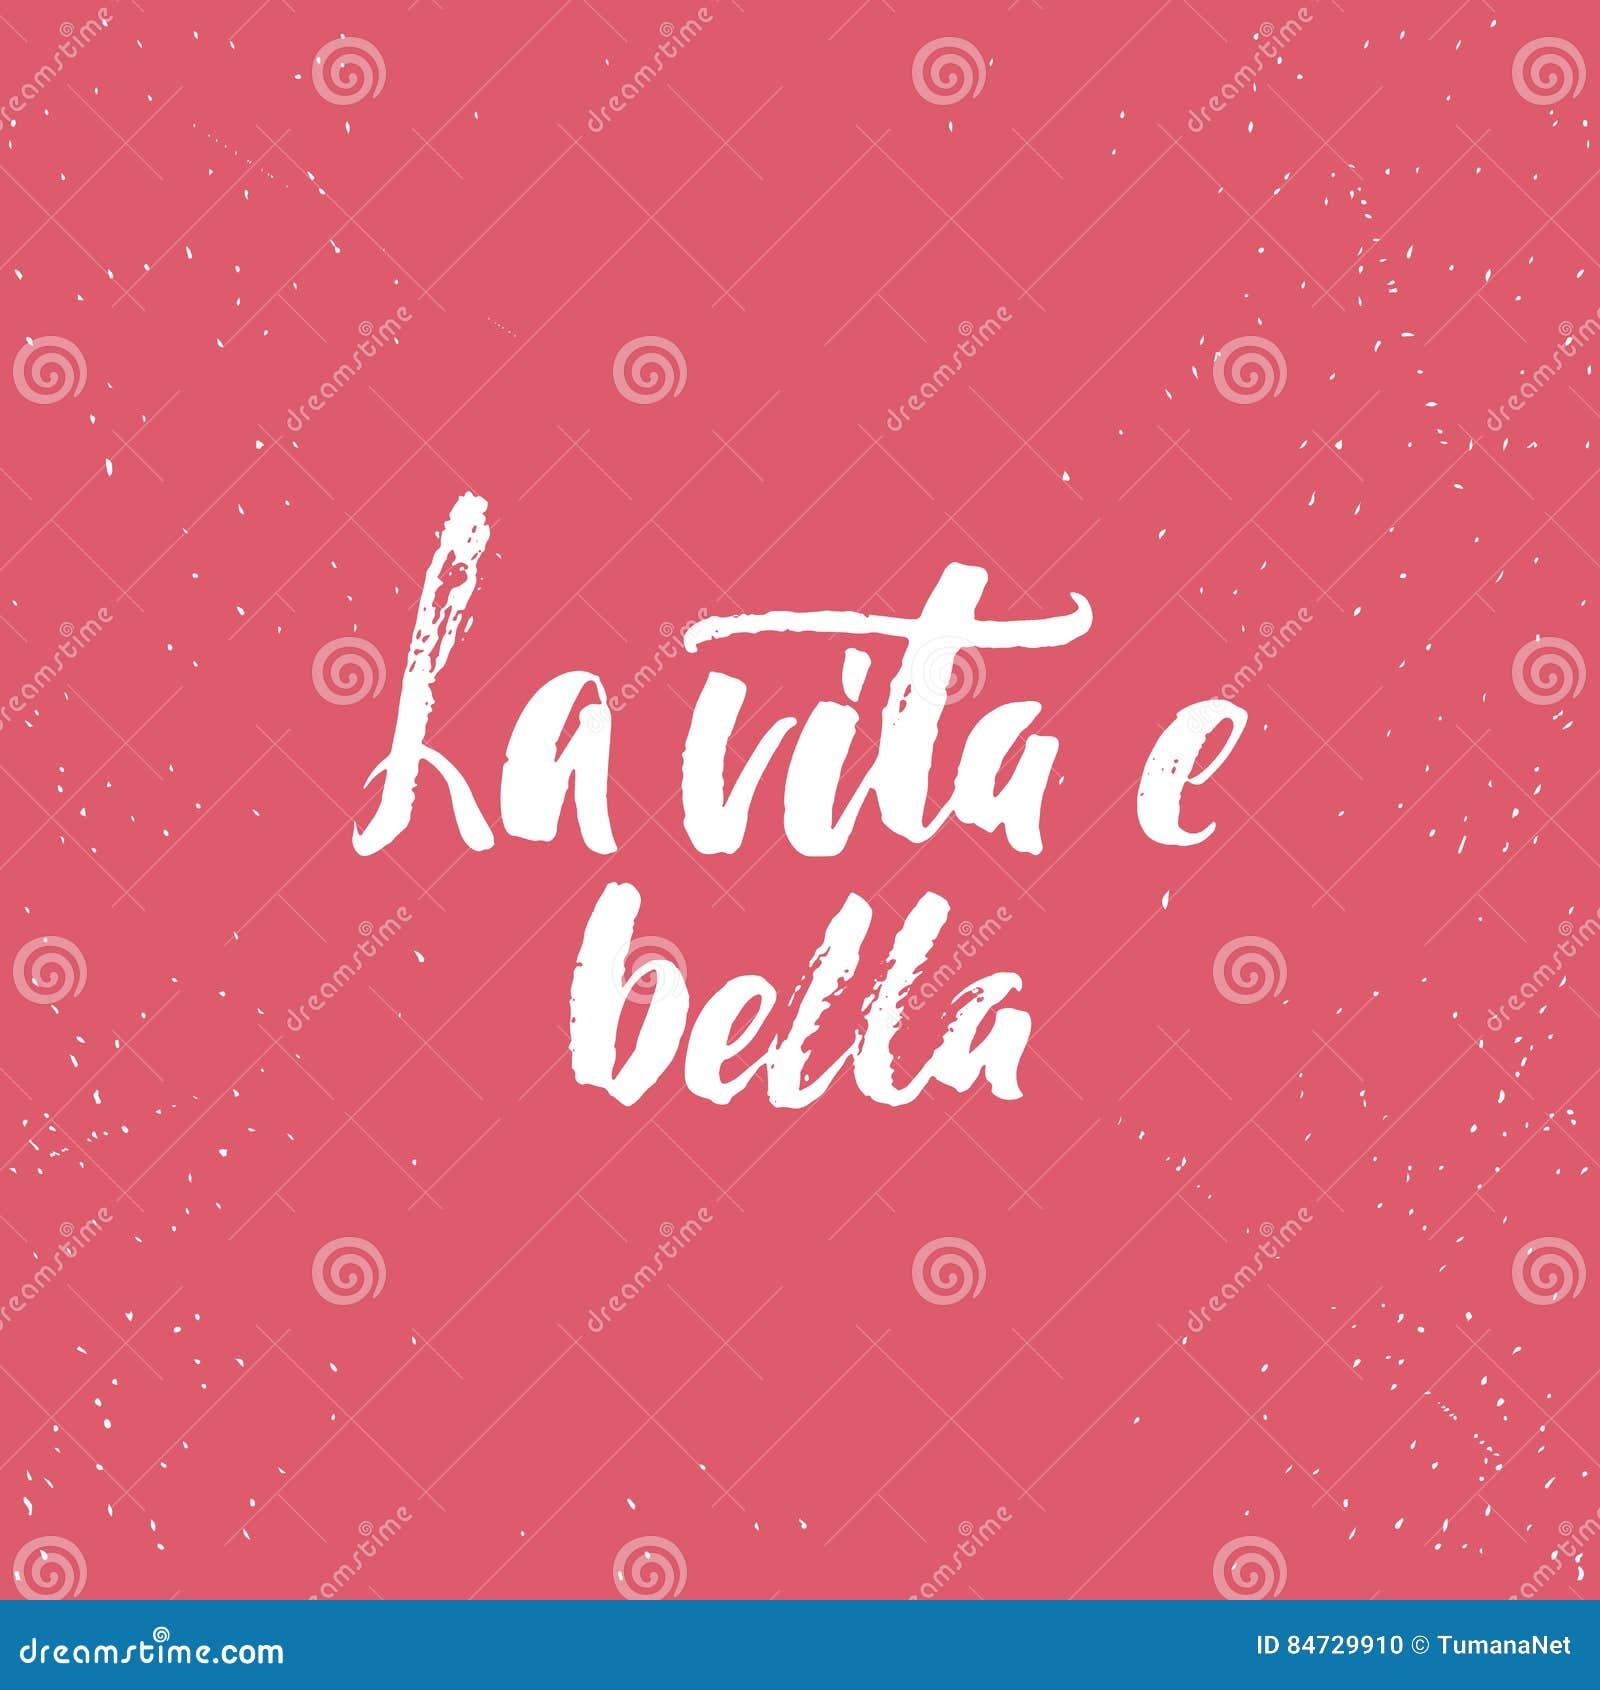 Bella Del Vita E Del La Frase Italiana De La Caligrafía De Las